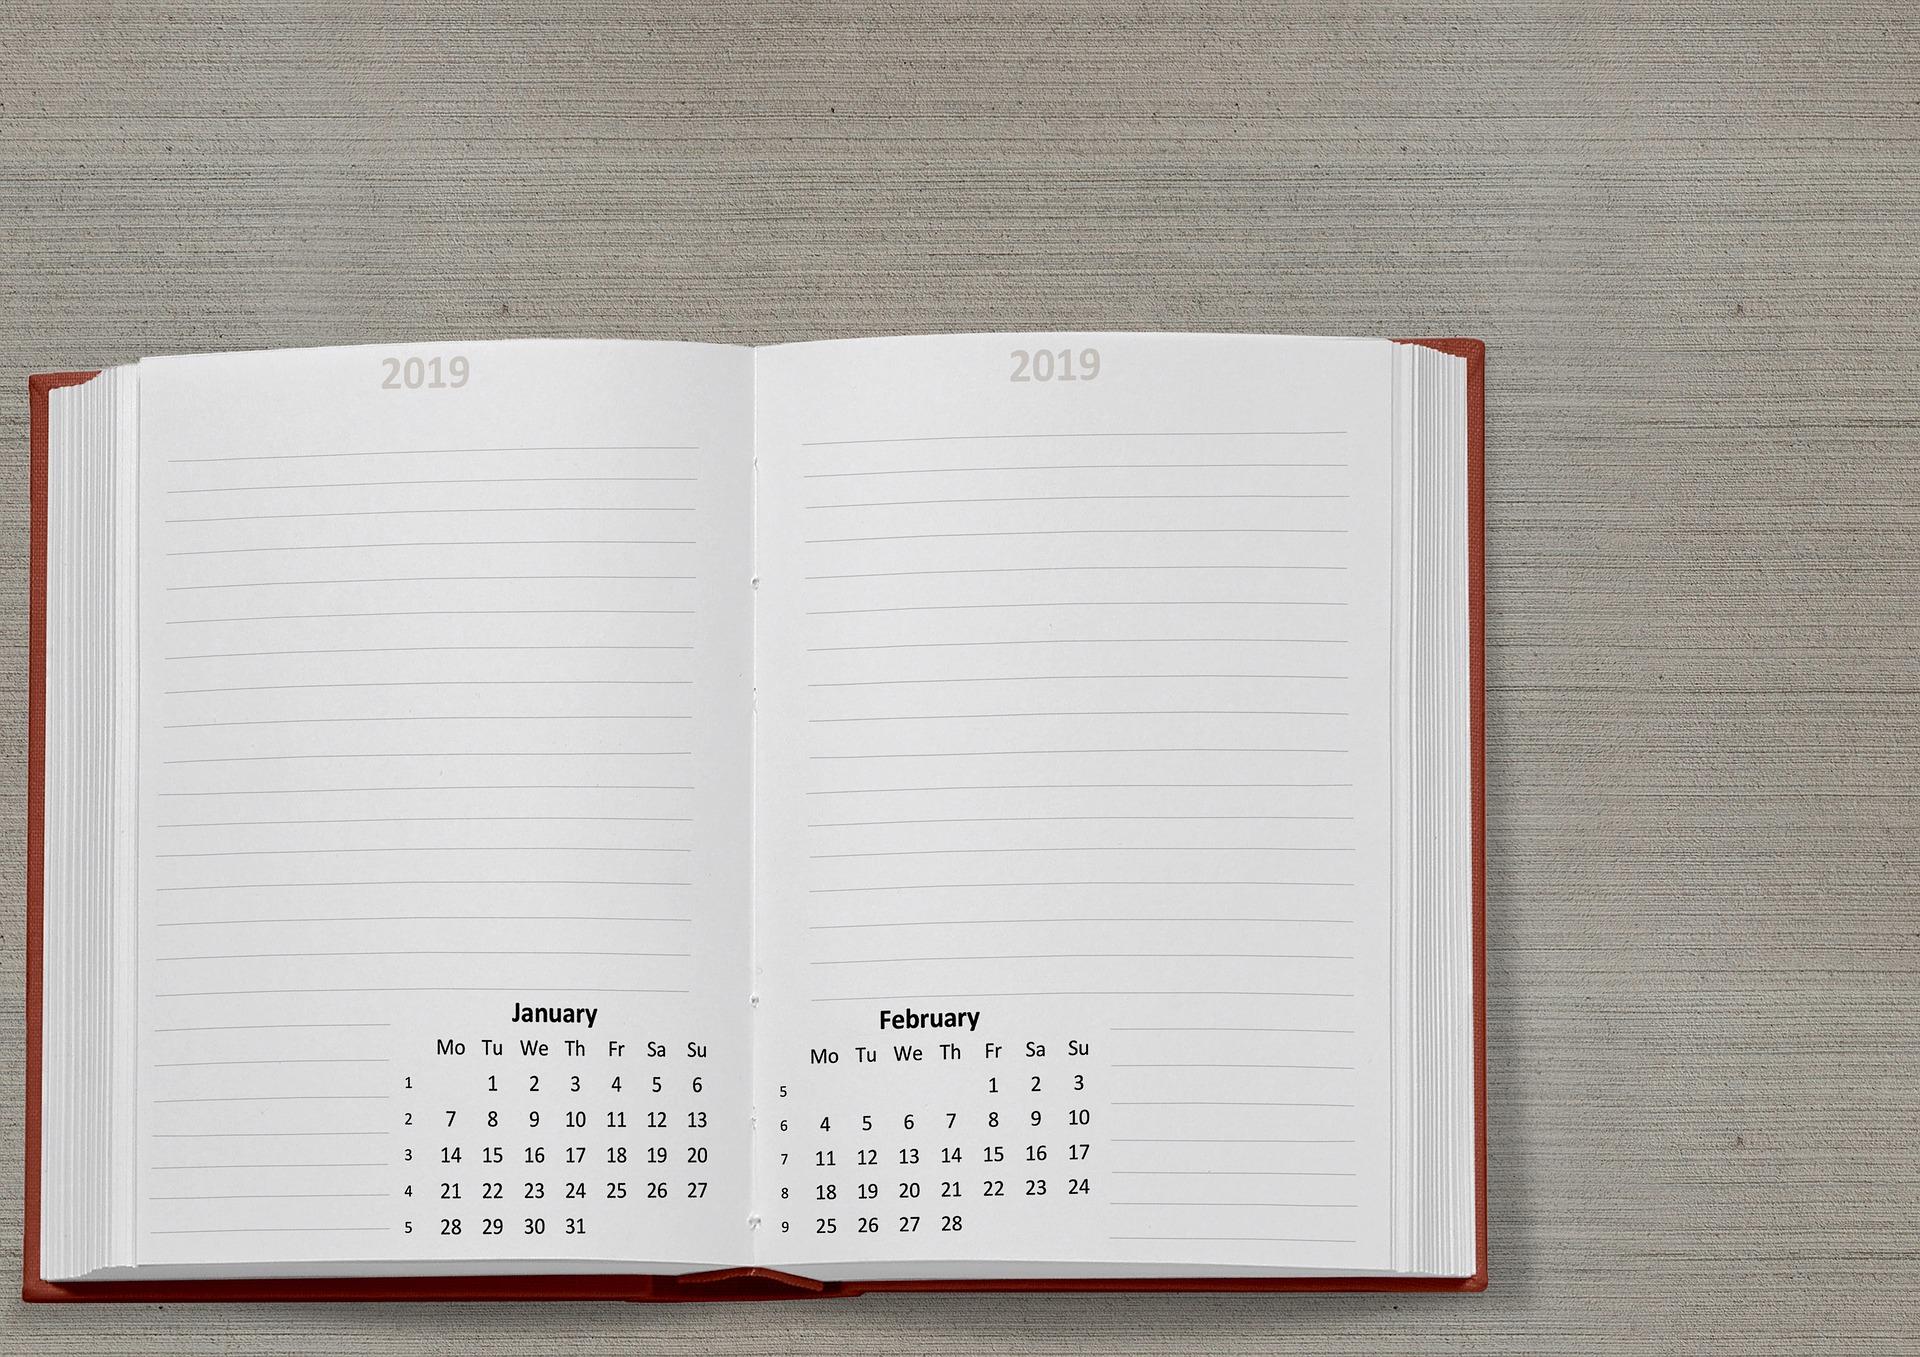 calendar-3762451_1920.jpg